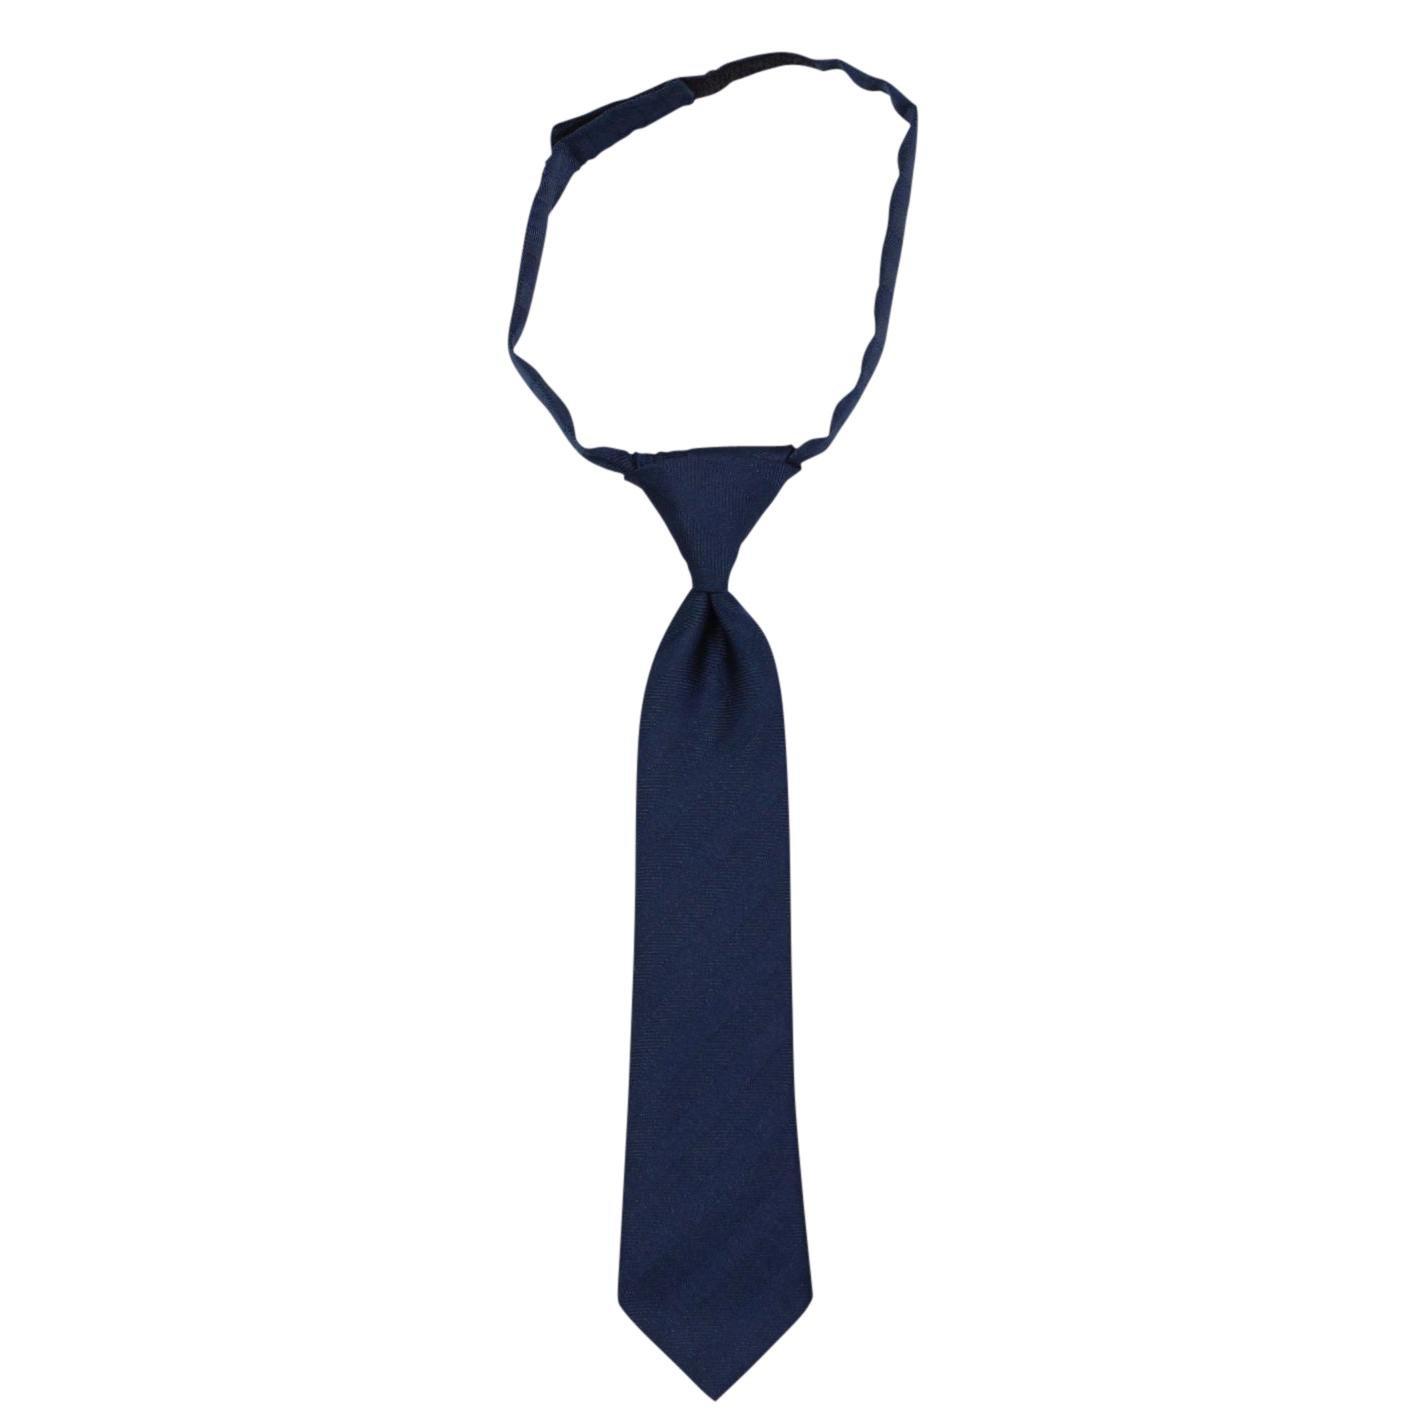 NAME IT - Corbata - para niño azul oscuro S: Amazon.es: Ropa y ...